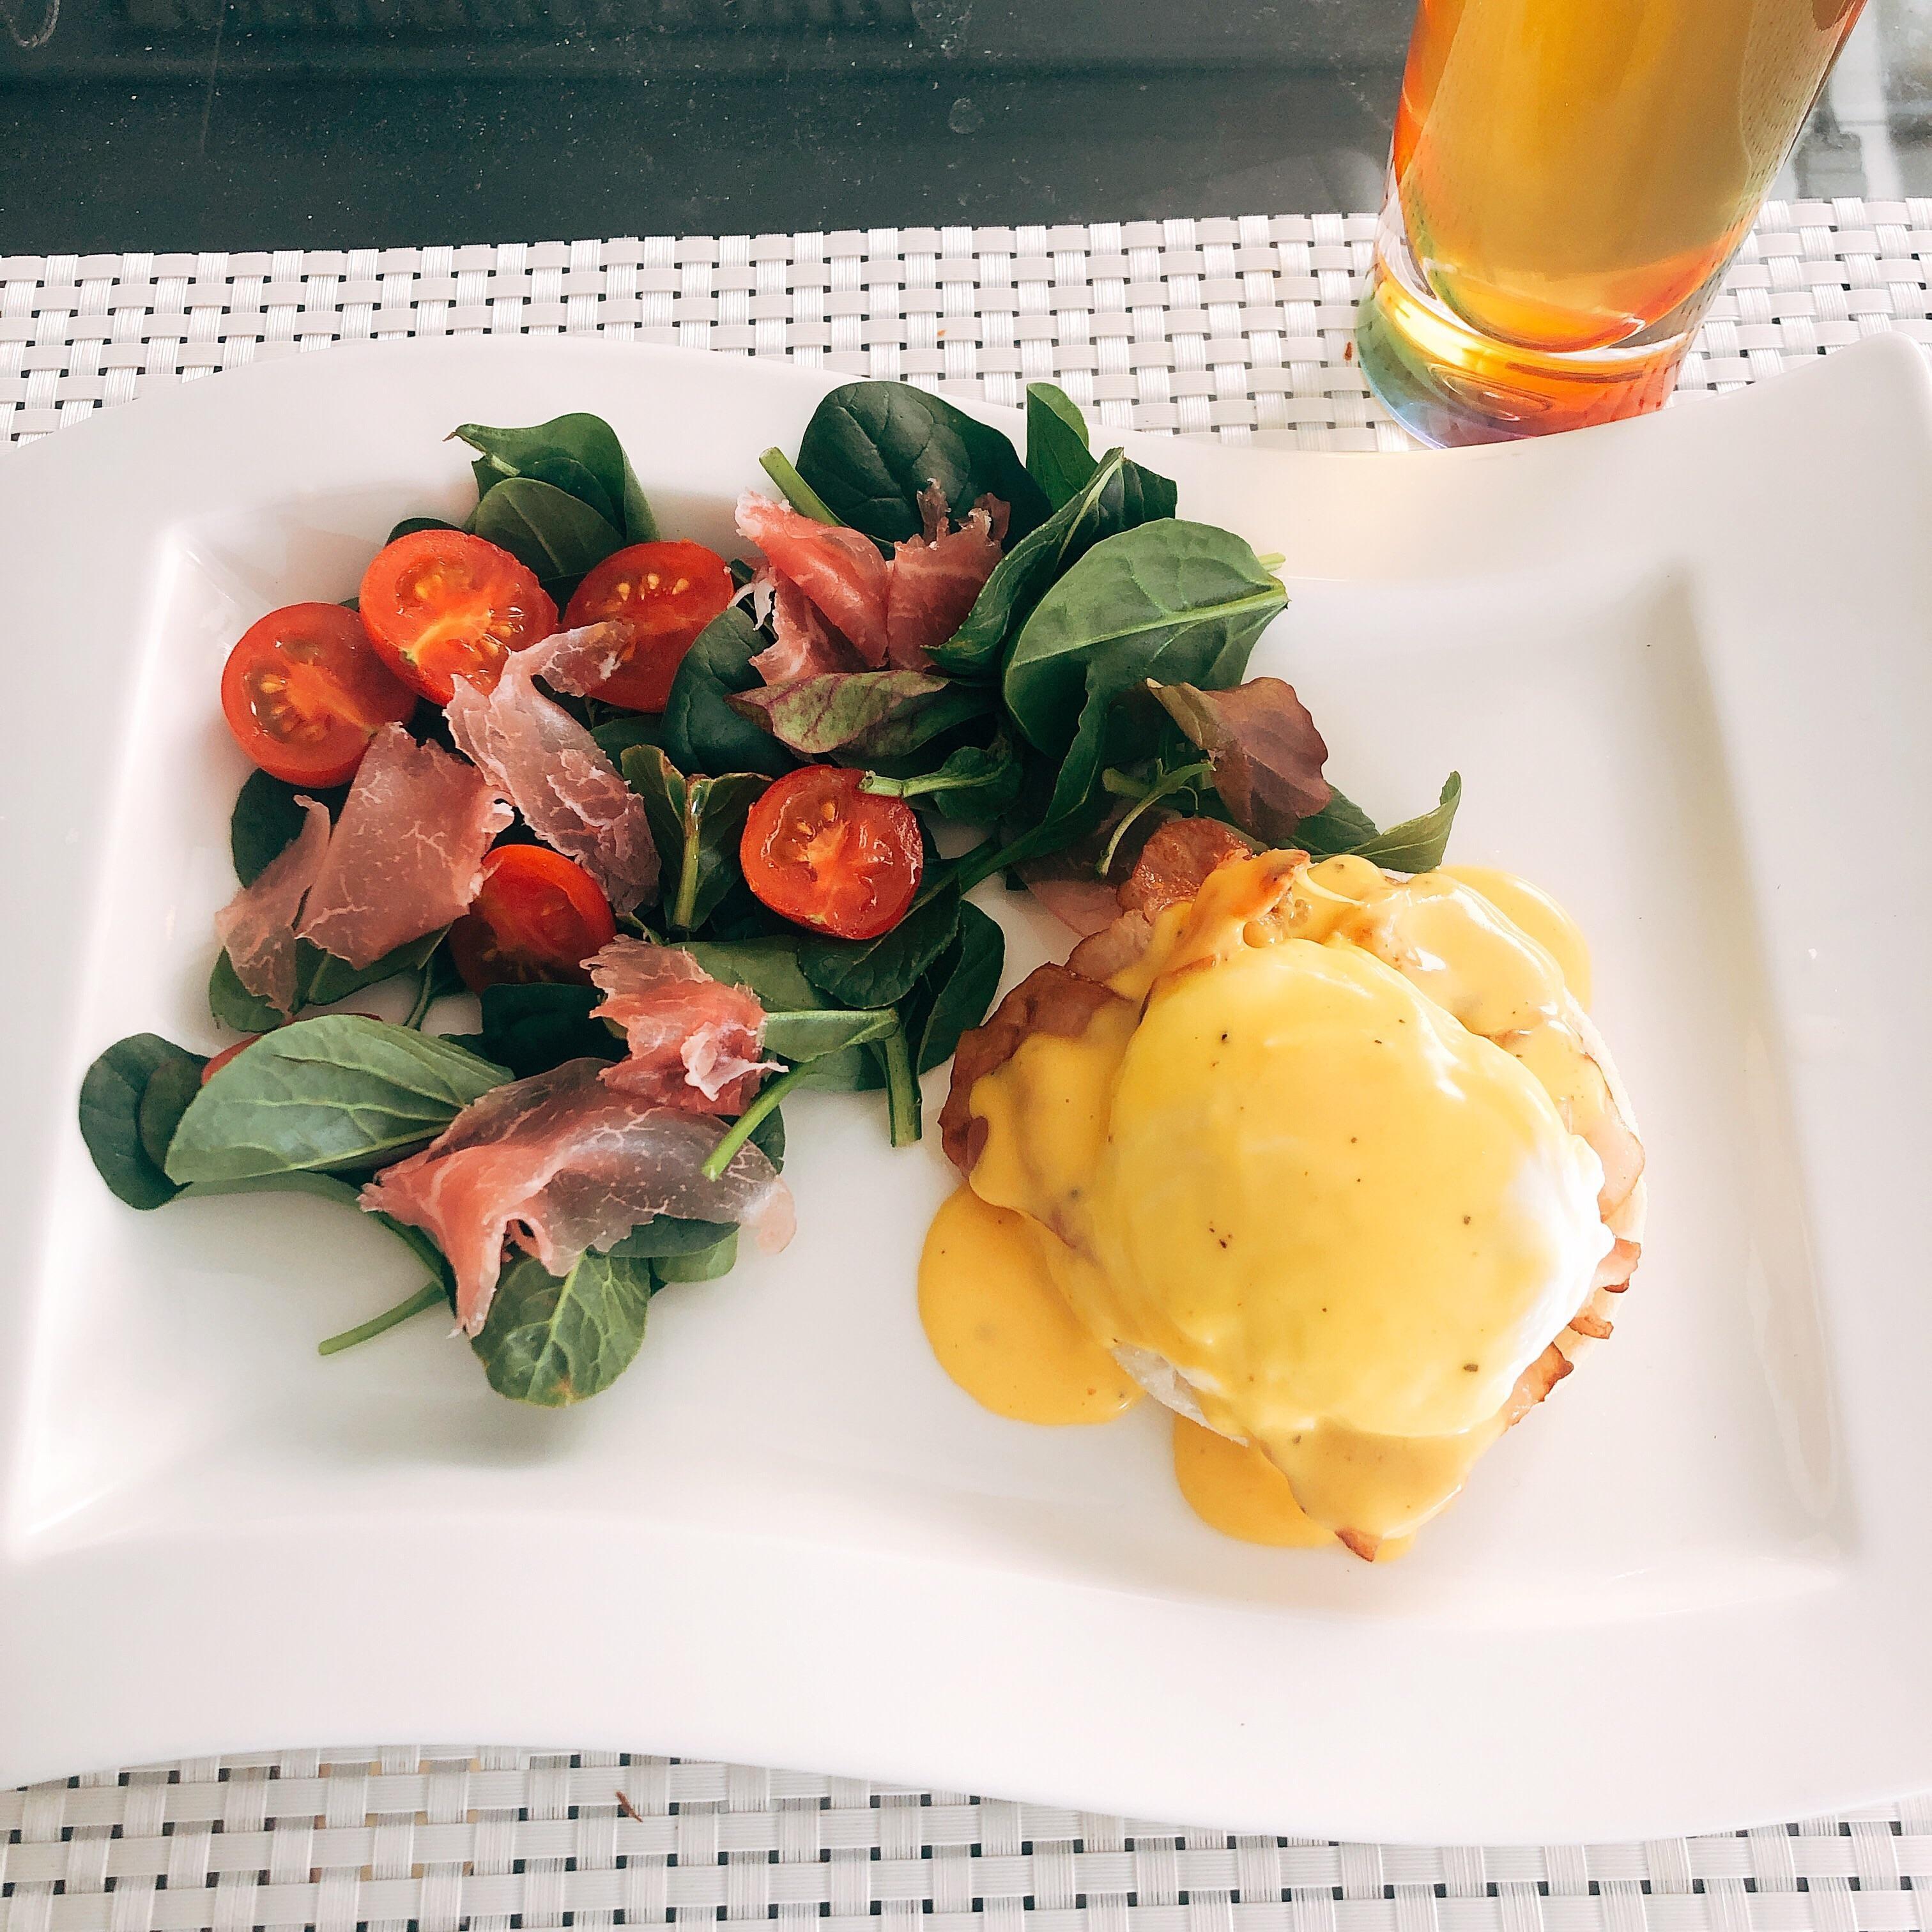 「料理?」03/20(03/20) 10:41 | せいらの写メ・風俗動画